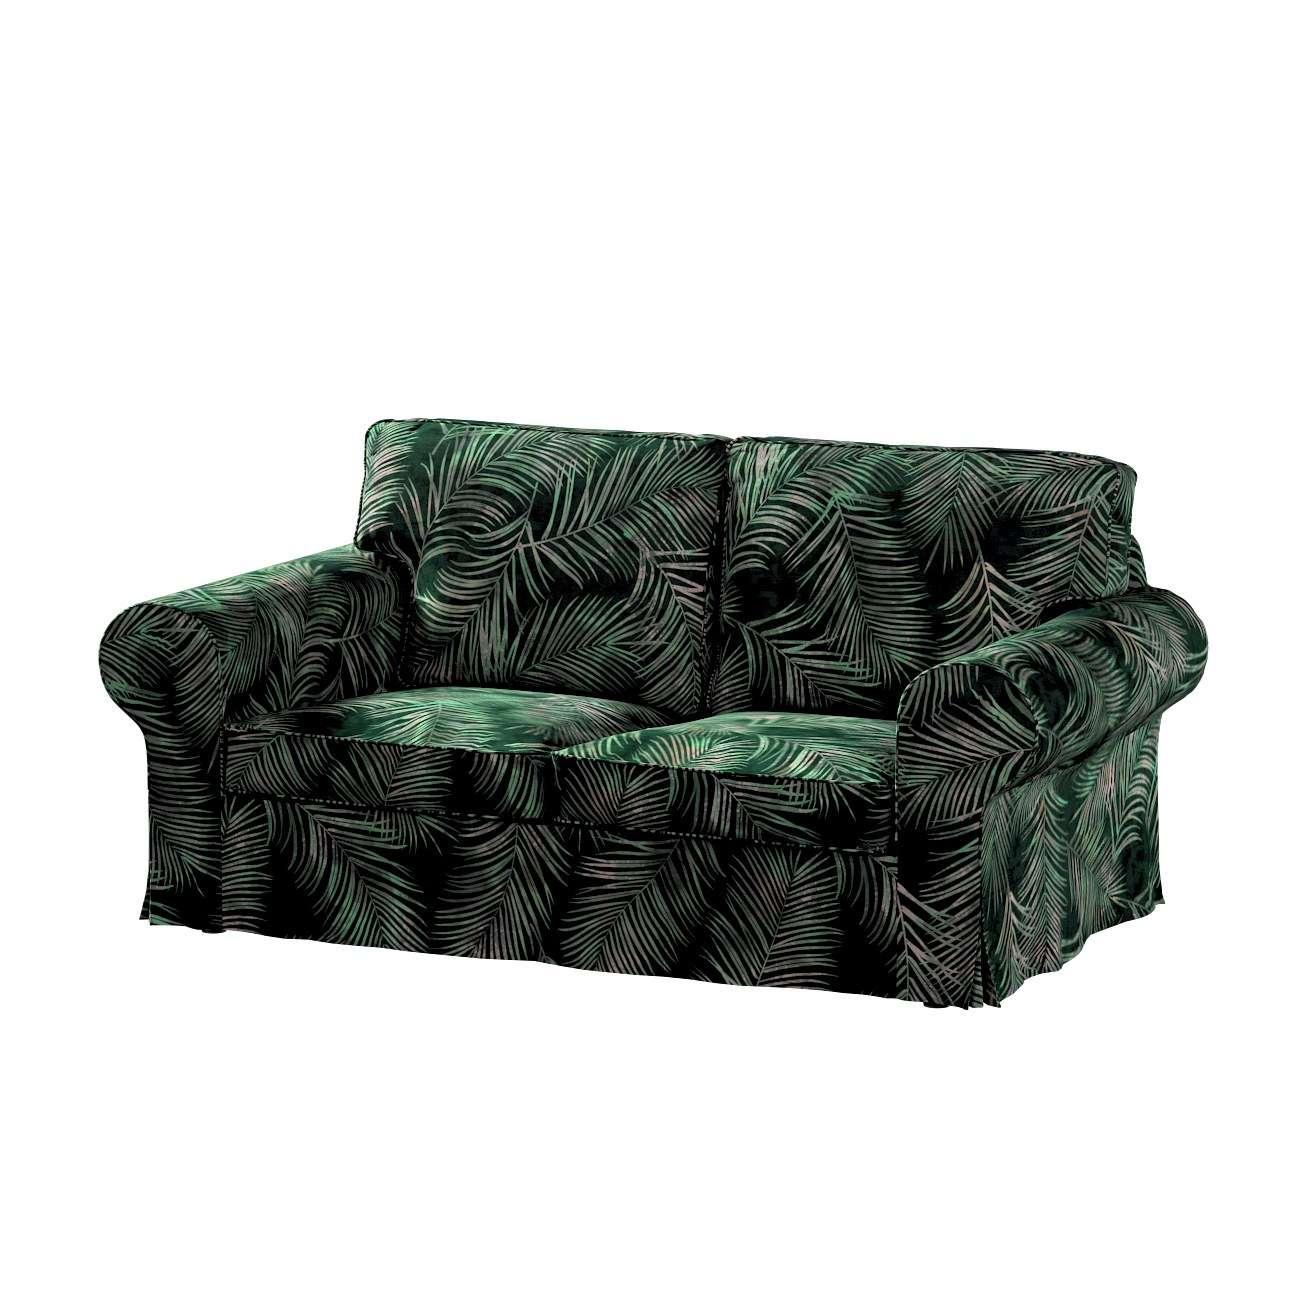 Pokrowiec na sofę Ektorp 2-osobową, rozkładaną, model do 2012 w kolekcji Velvet, tkanina: 704-21